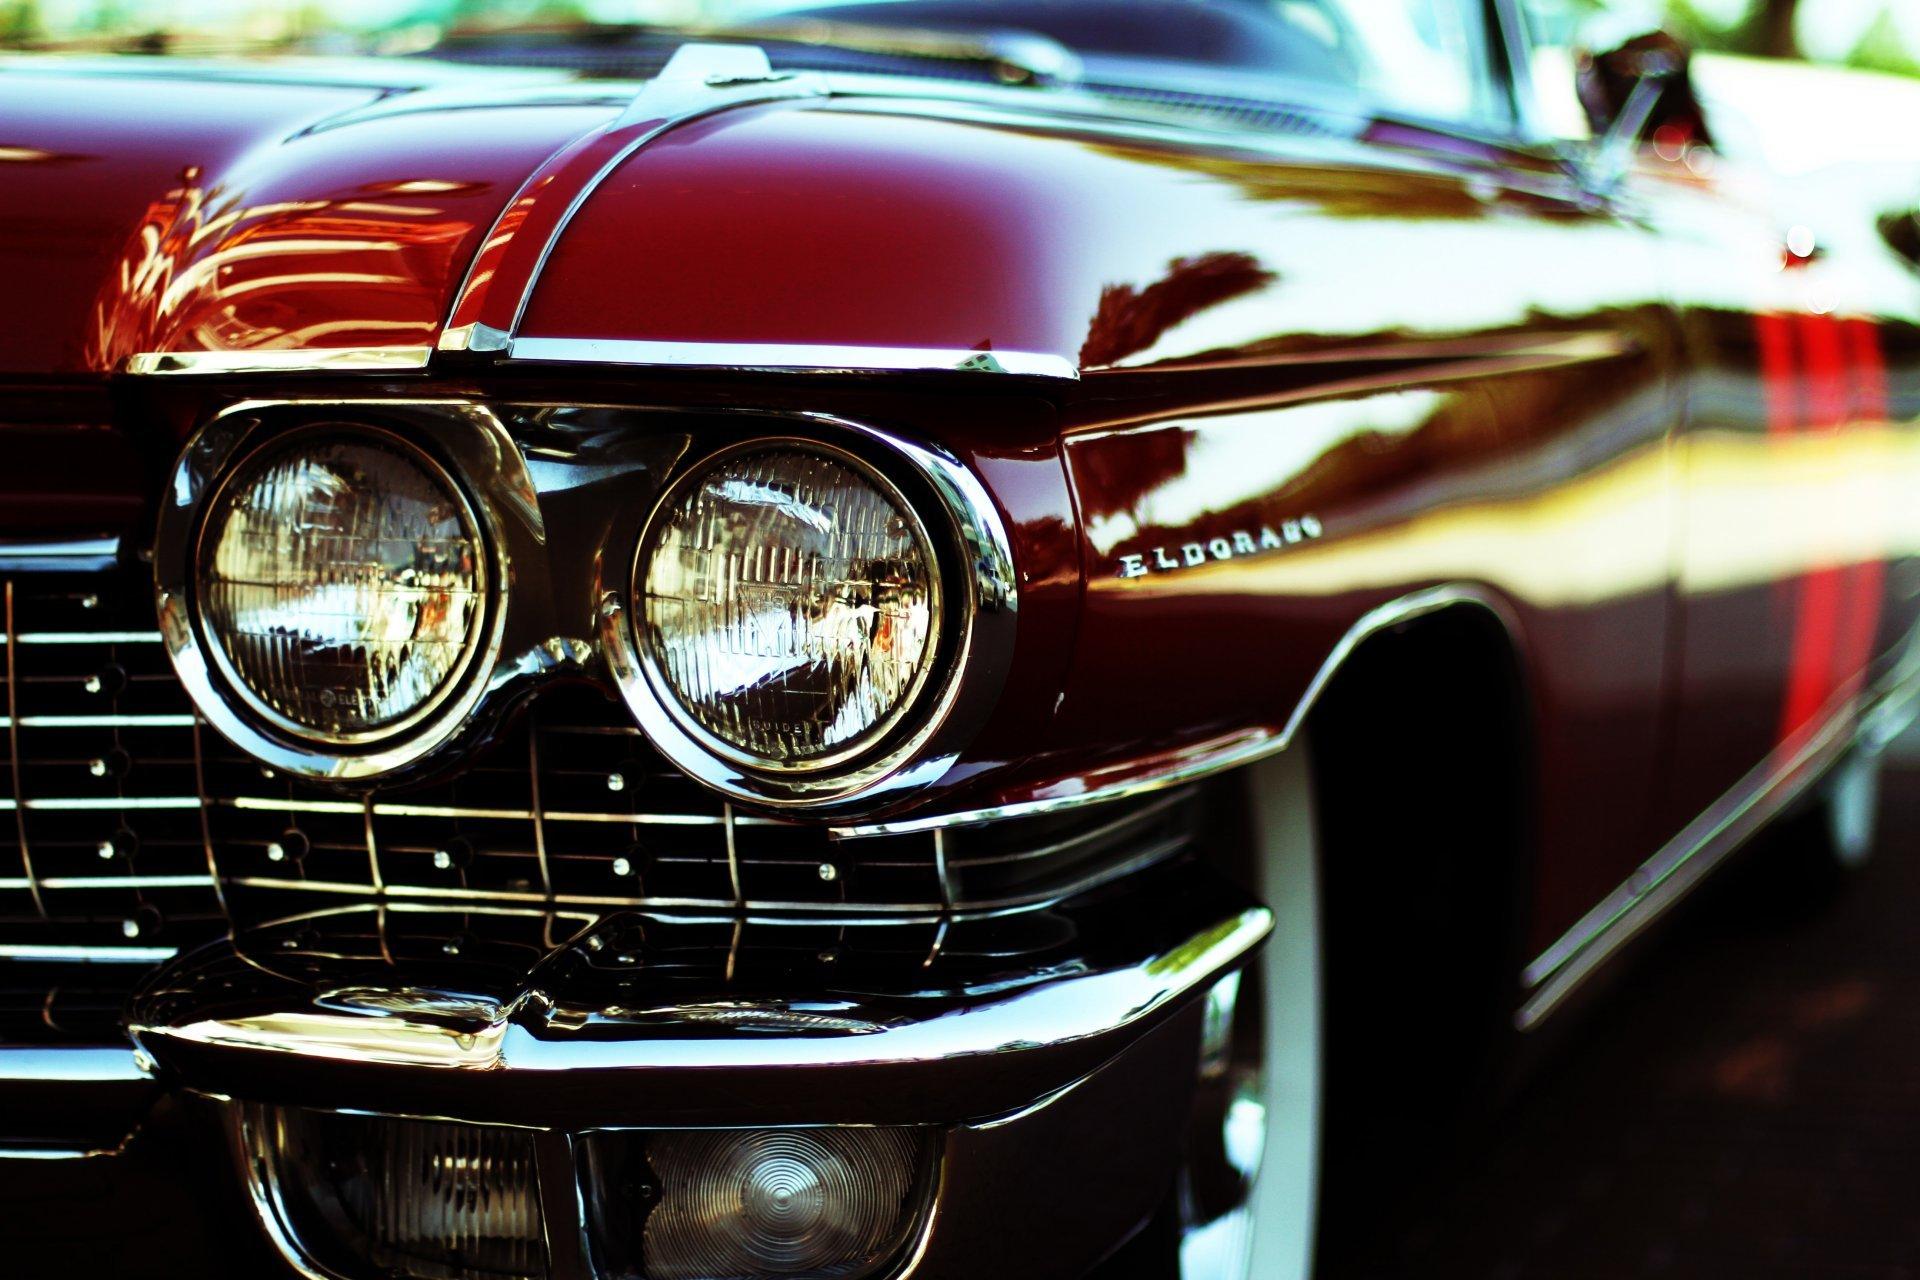 Old School Cars Wallpaper - WallpaperSafari